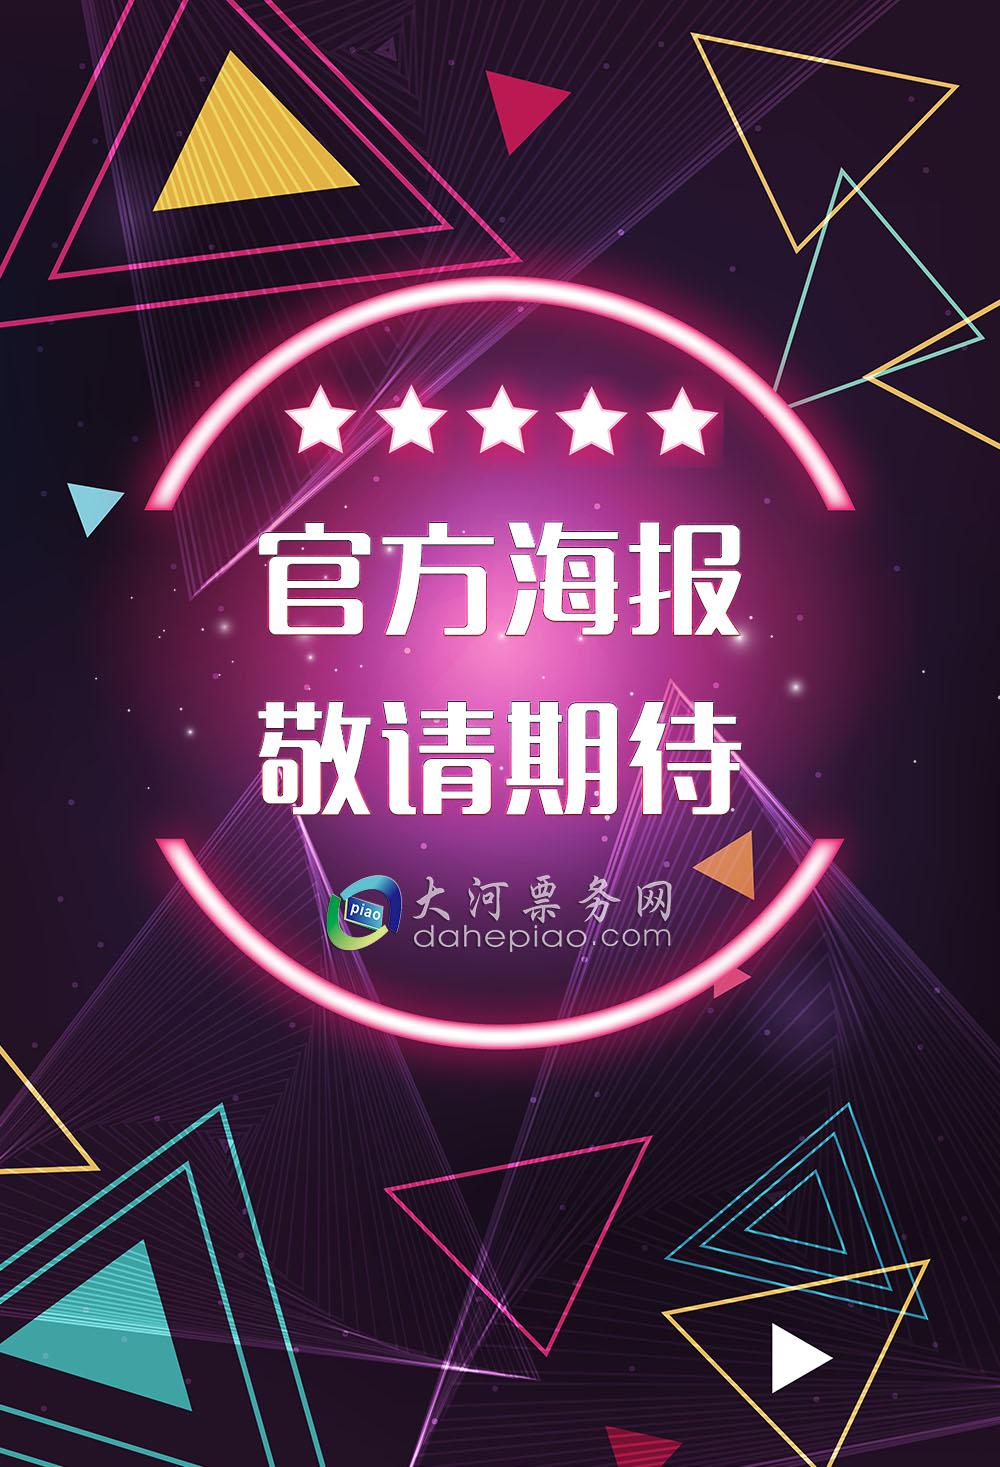 张艺兴2020巡演时间表